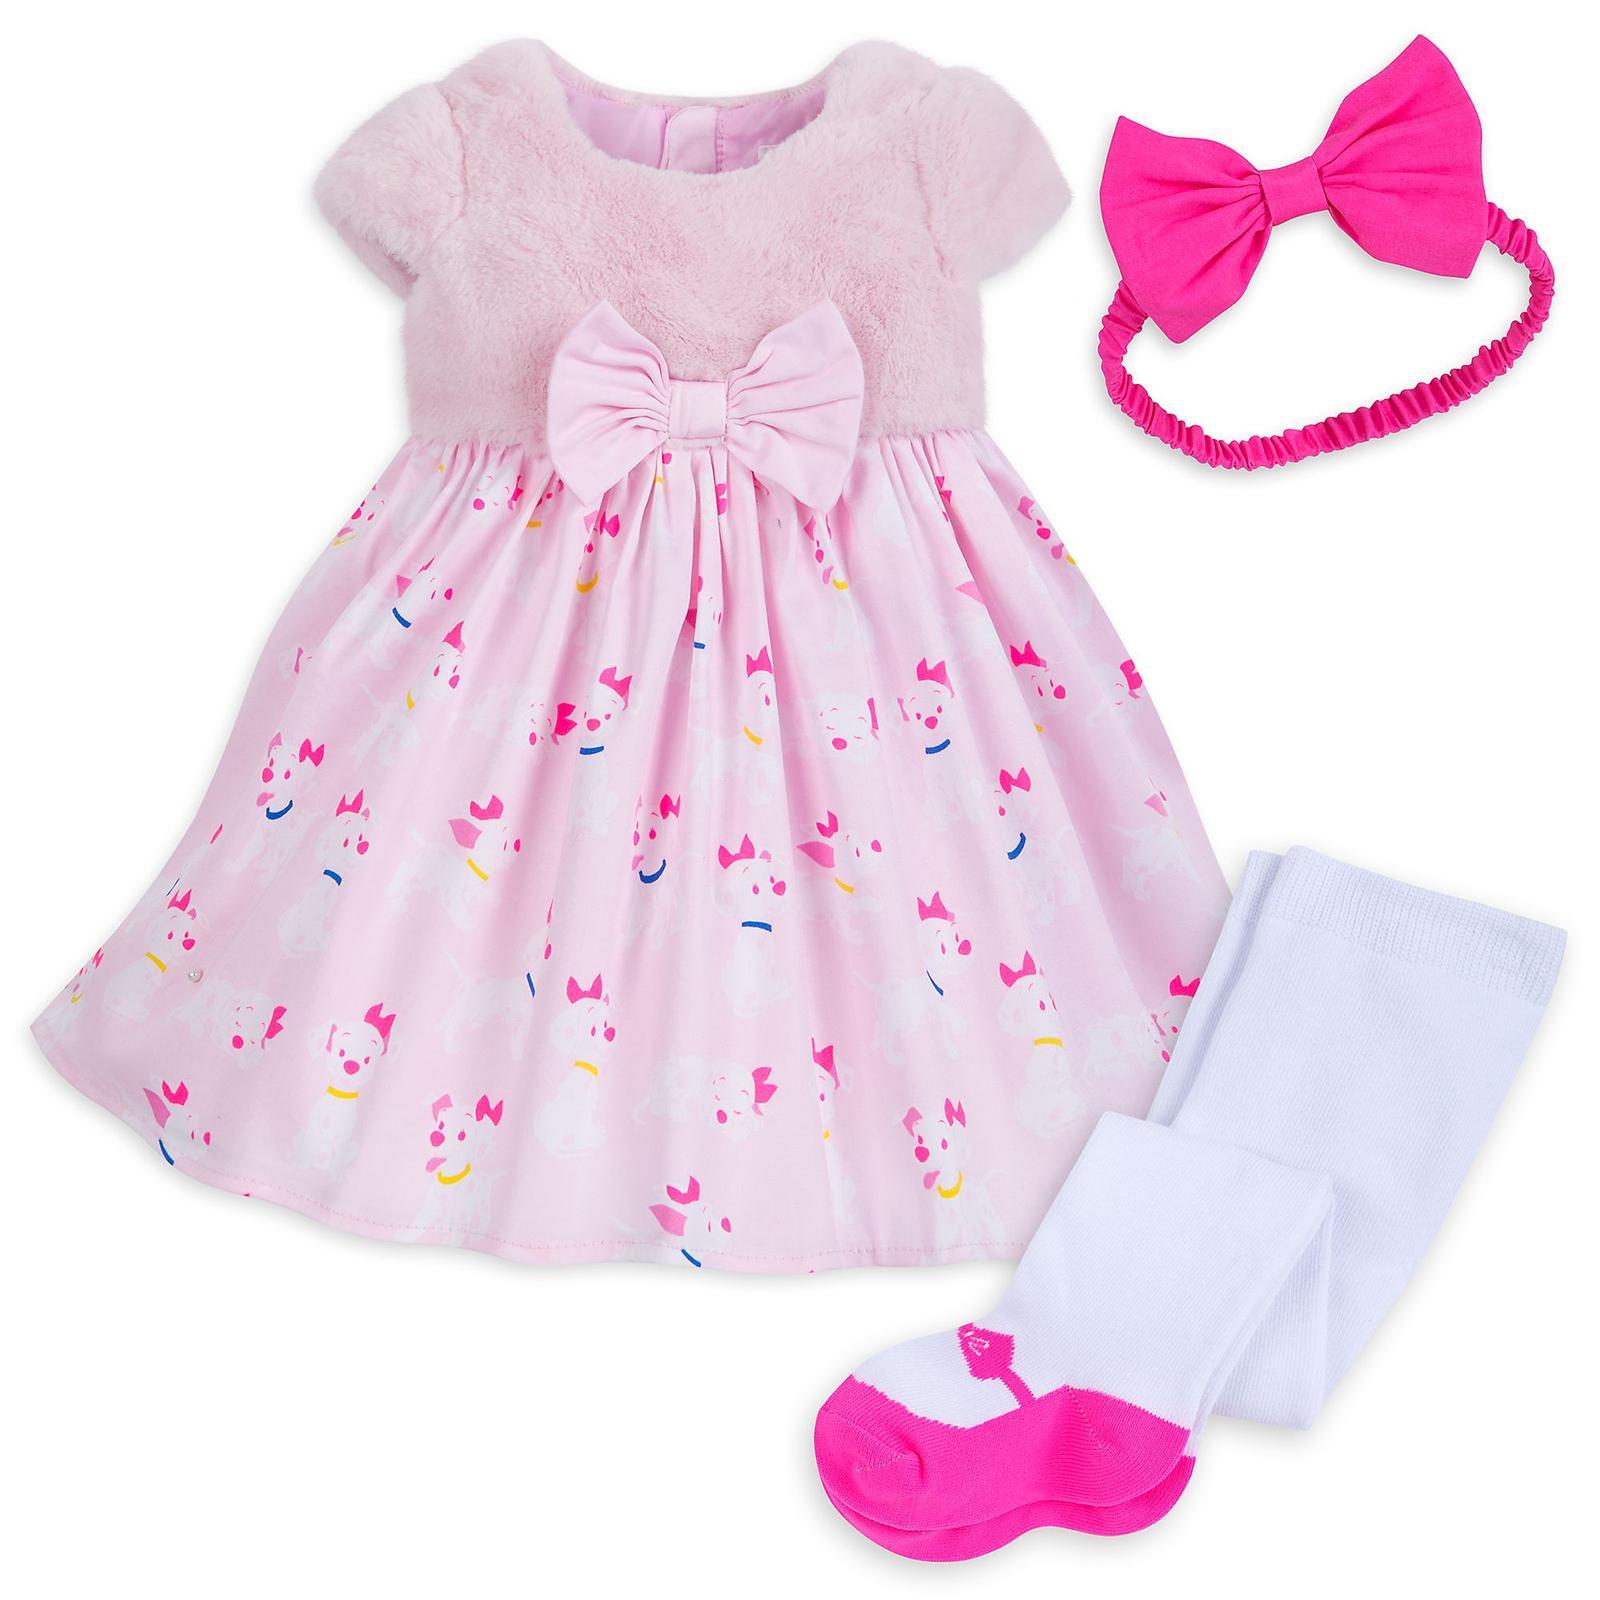 05d0a8cb51ccc Disney krásne šaty s čelenou a pančuškami-101 dalm, disney,56 - 86 ...